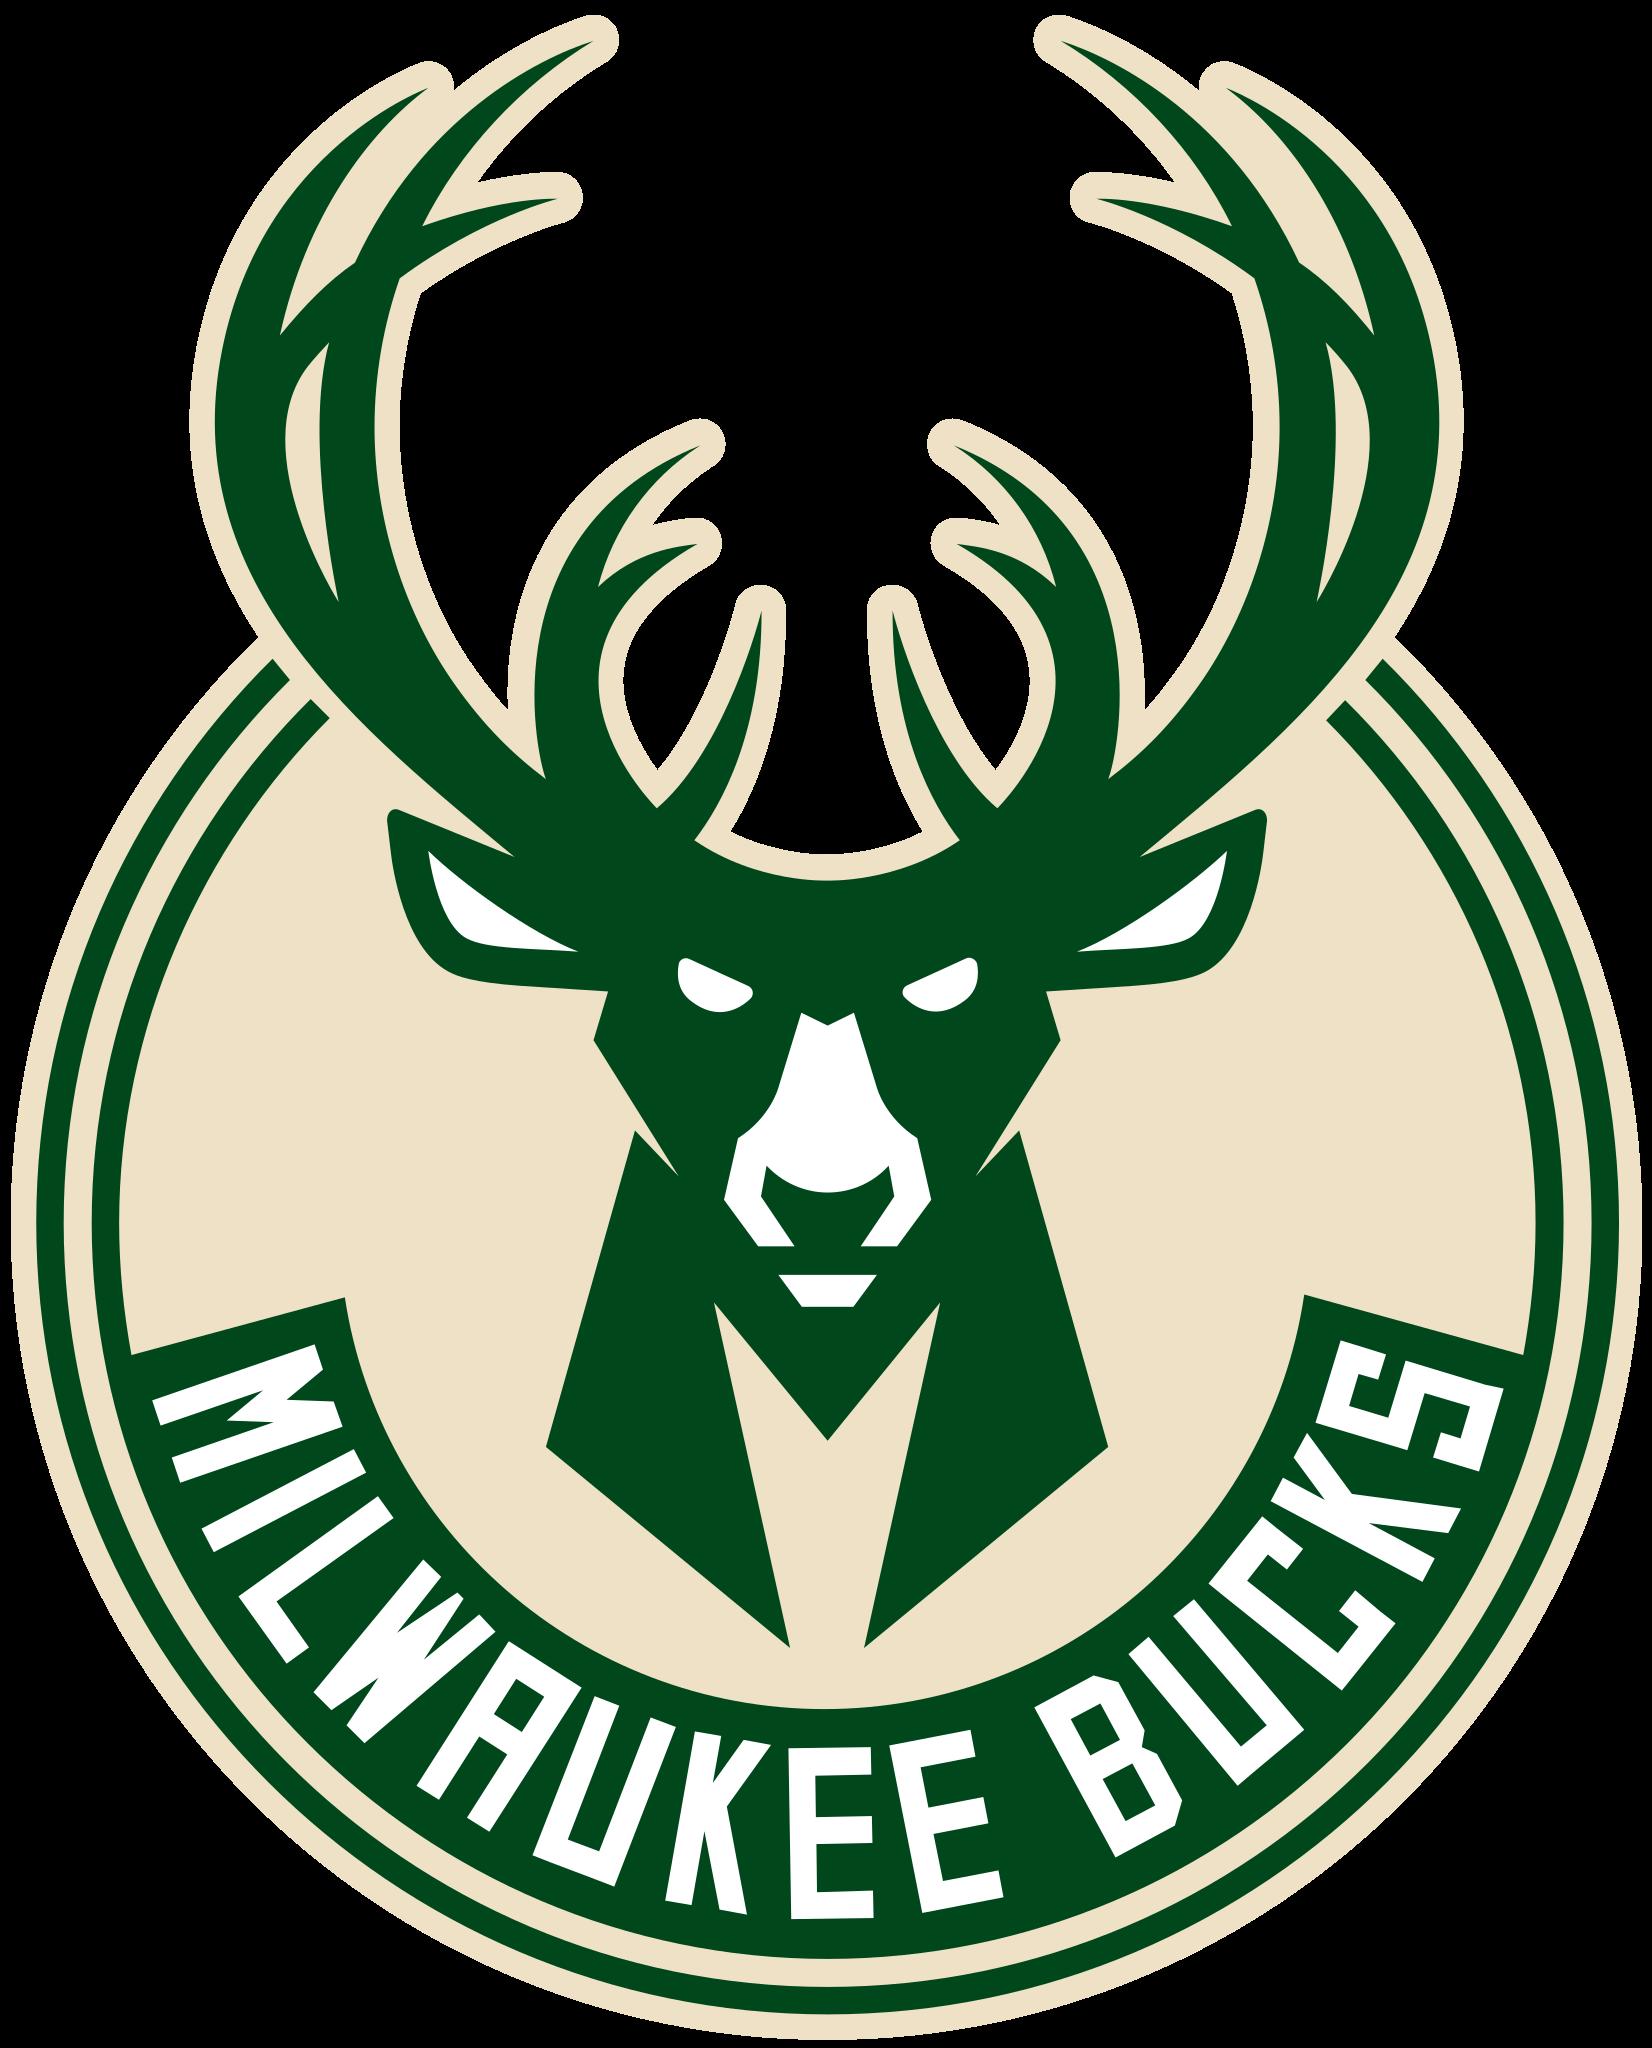 File:MilwaukeeBucksnewlogo.png